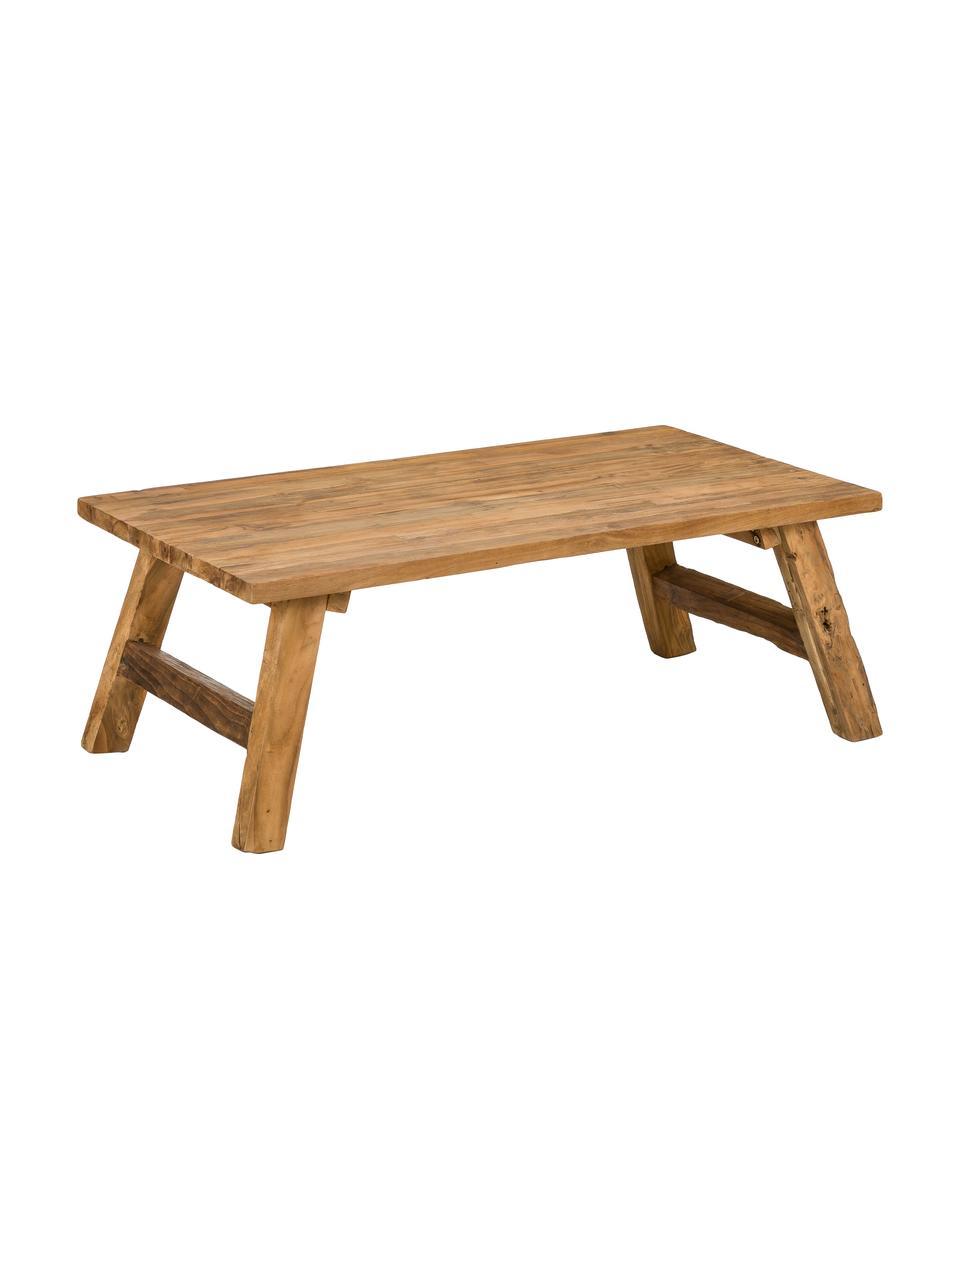 Stolik kawowy z drewna tekowego z recyklingu Lawas, Naturalne drewno tekowe, Drewno tekowe, S 120 x W 45 cm